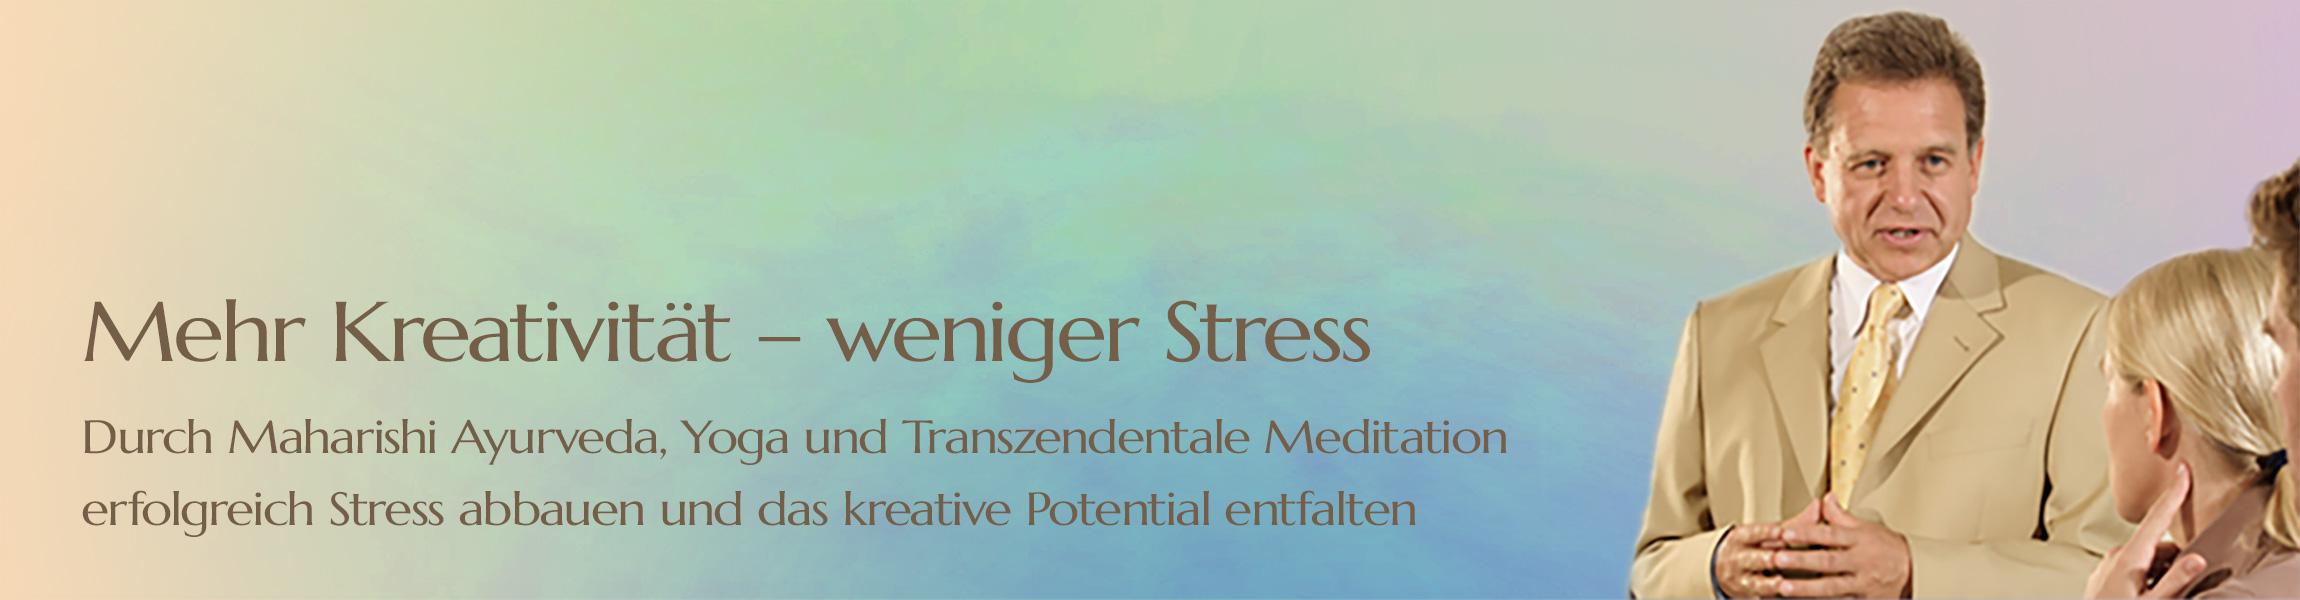 cover_seminare_deutsch_01